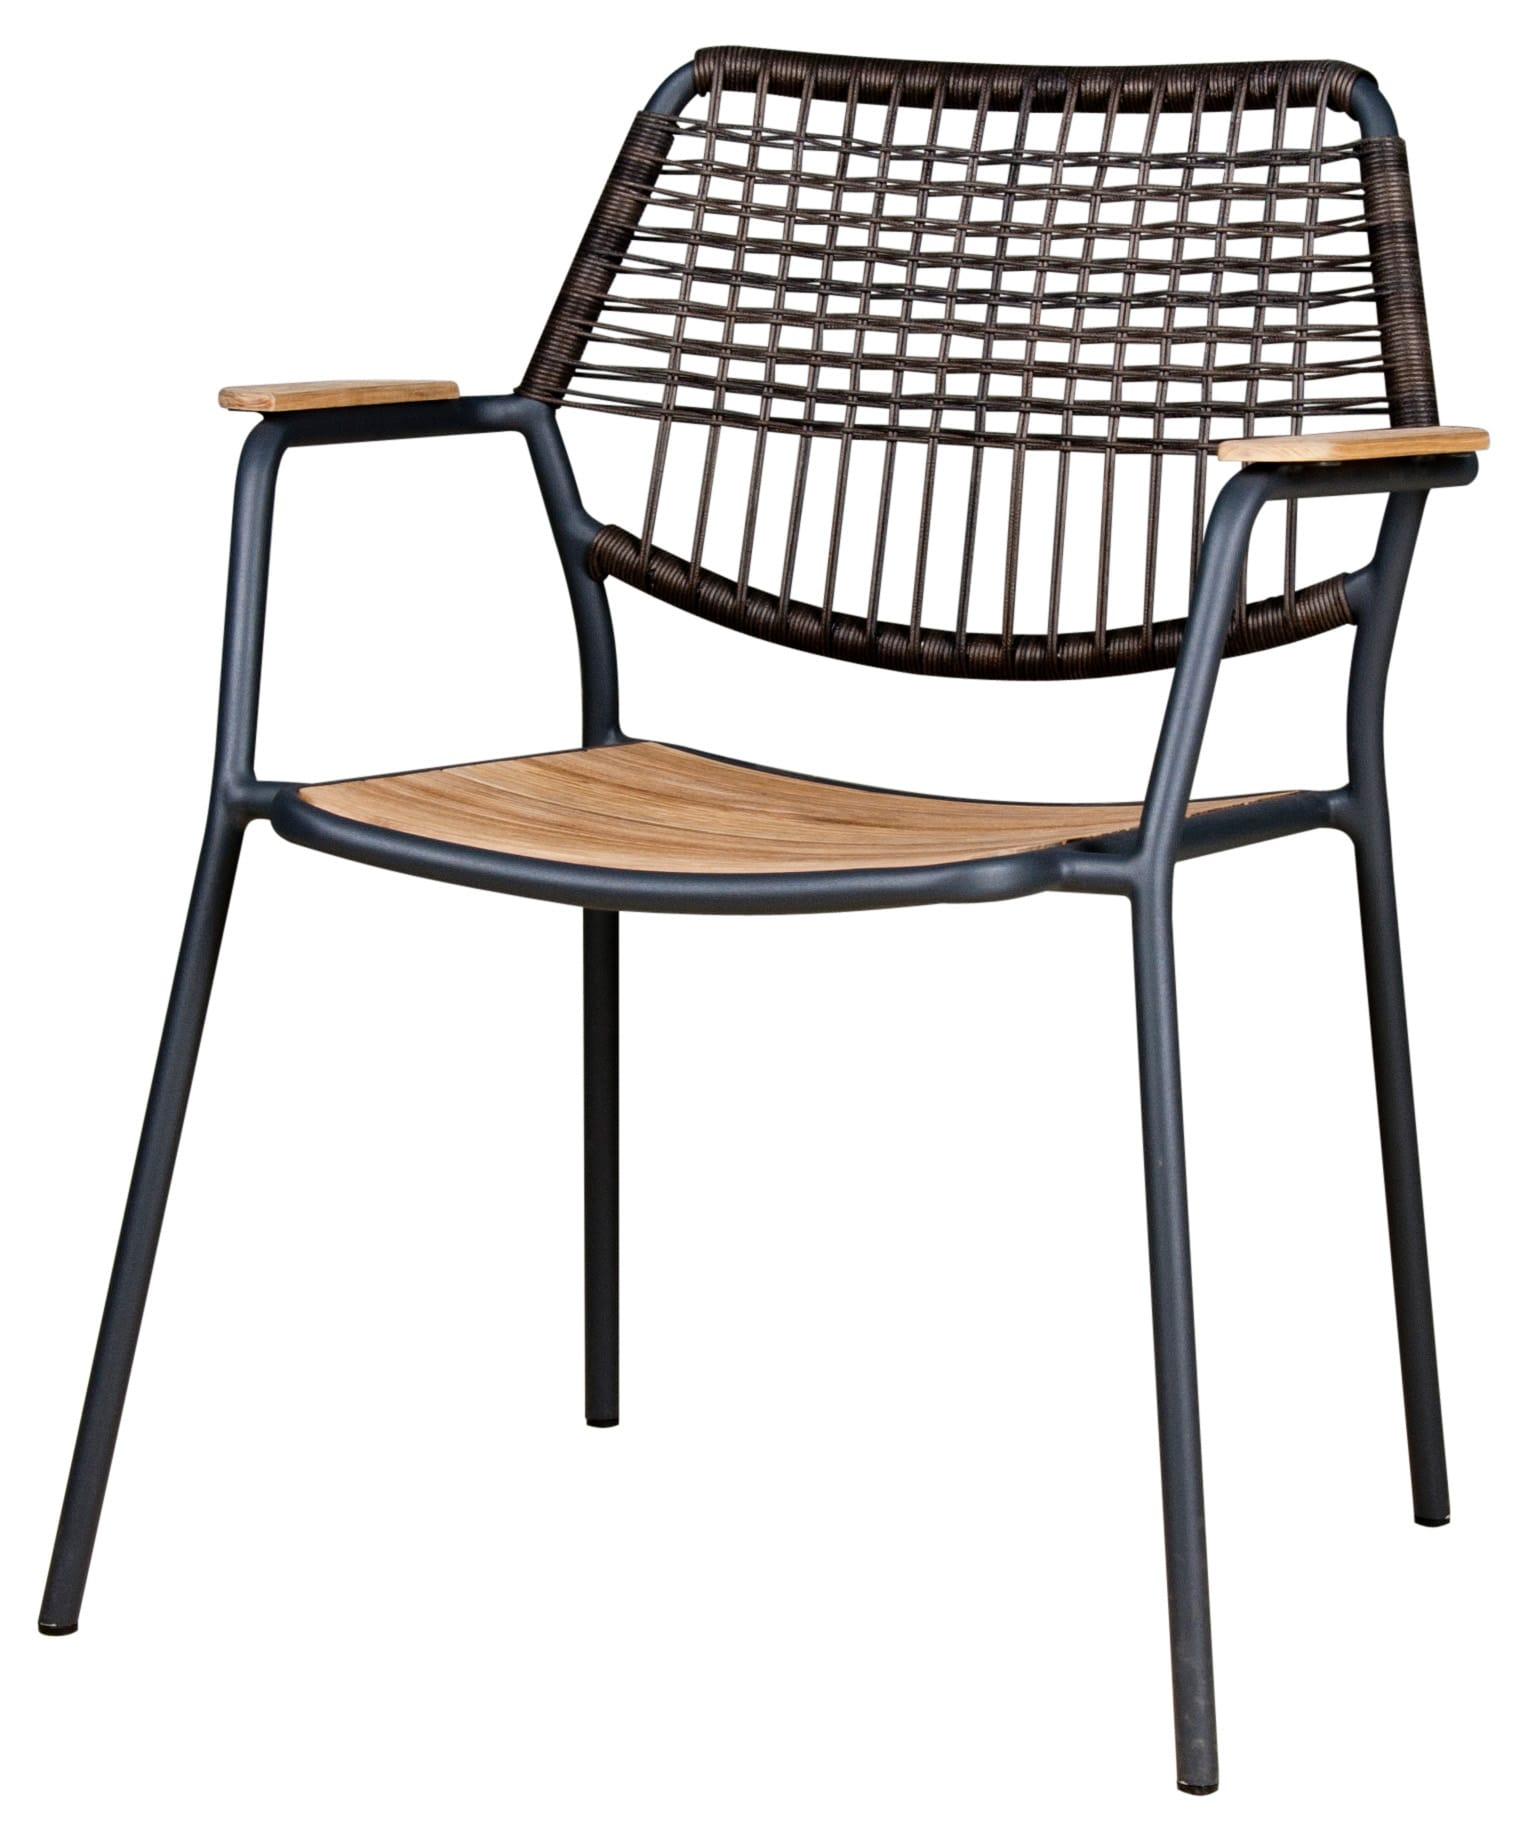 zebra greenline flix sessel aluminium polyrattan old teakholz bumb gartenm bel karlsruhe. Black Bedroom Furniture Sets. Home Design Ideas